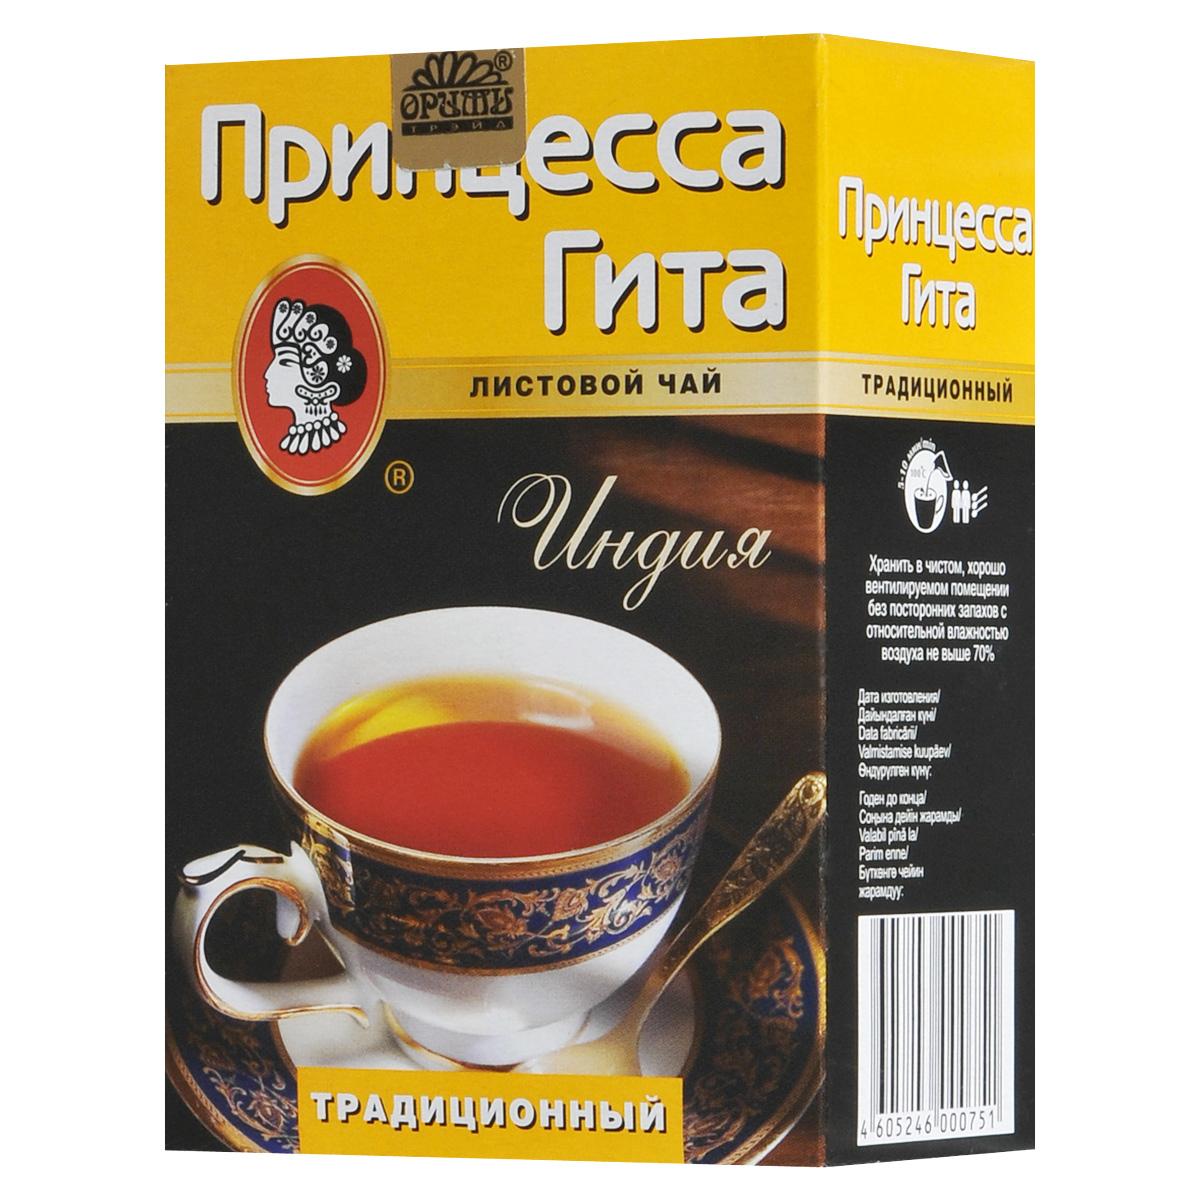 Принцесса Гита Традиционный черный листовой чай, 100 г